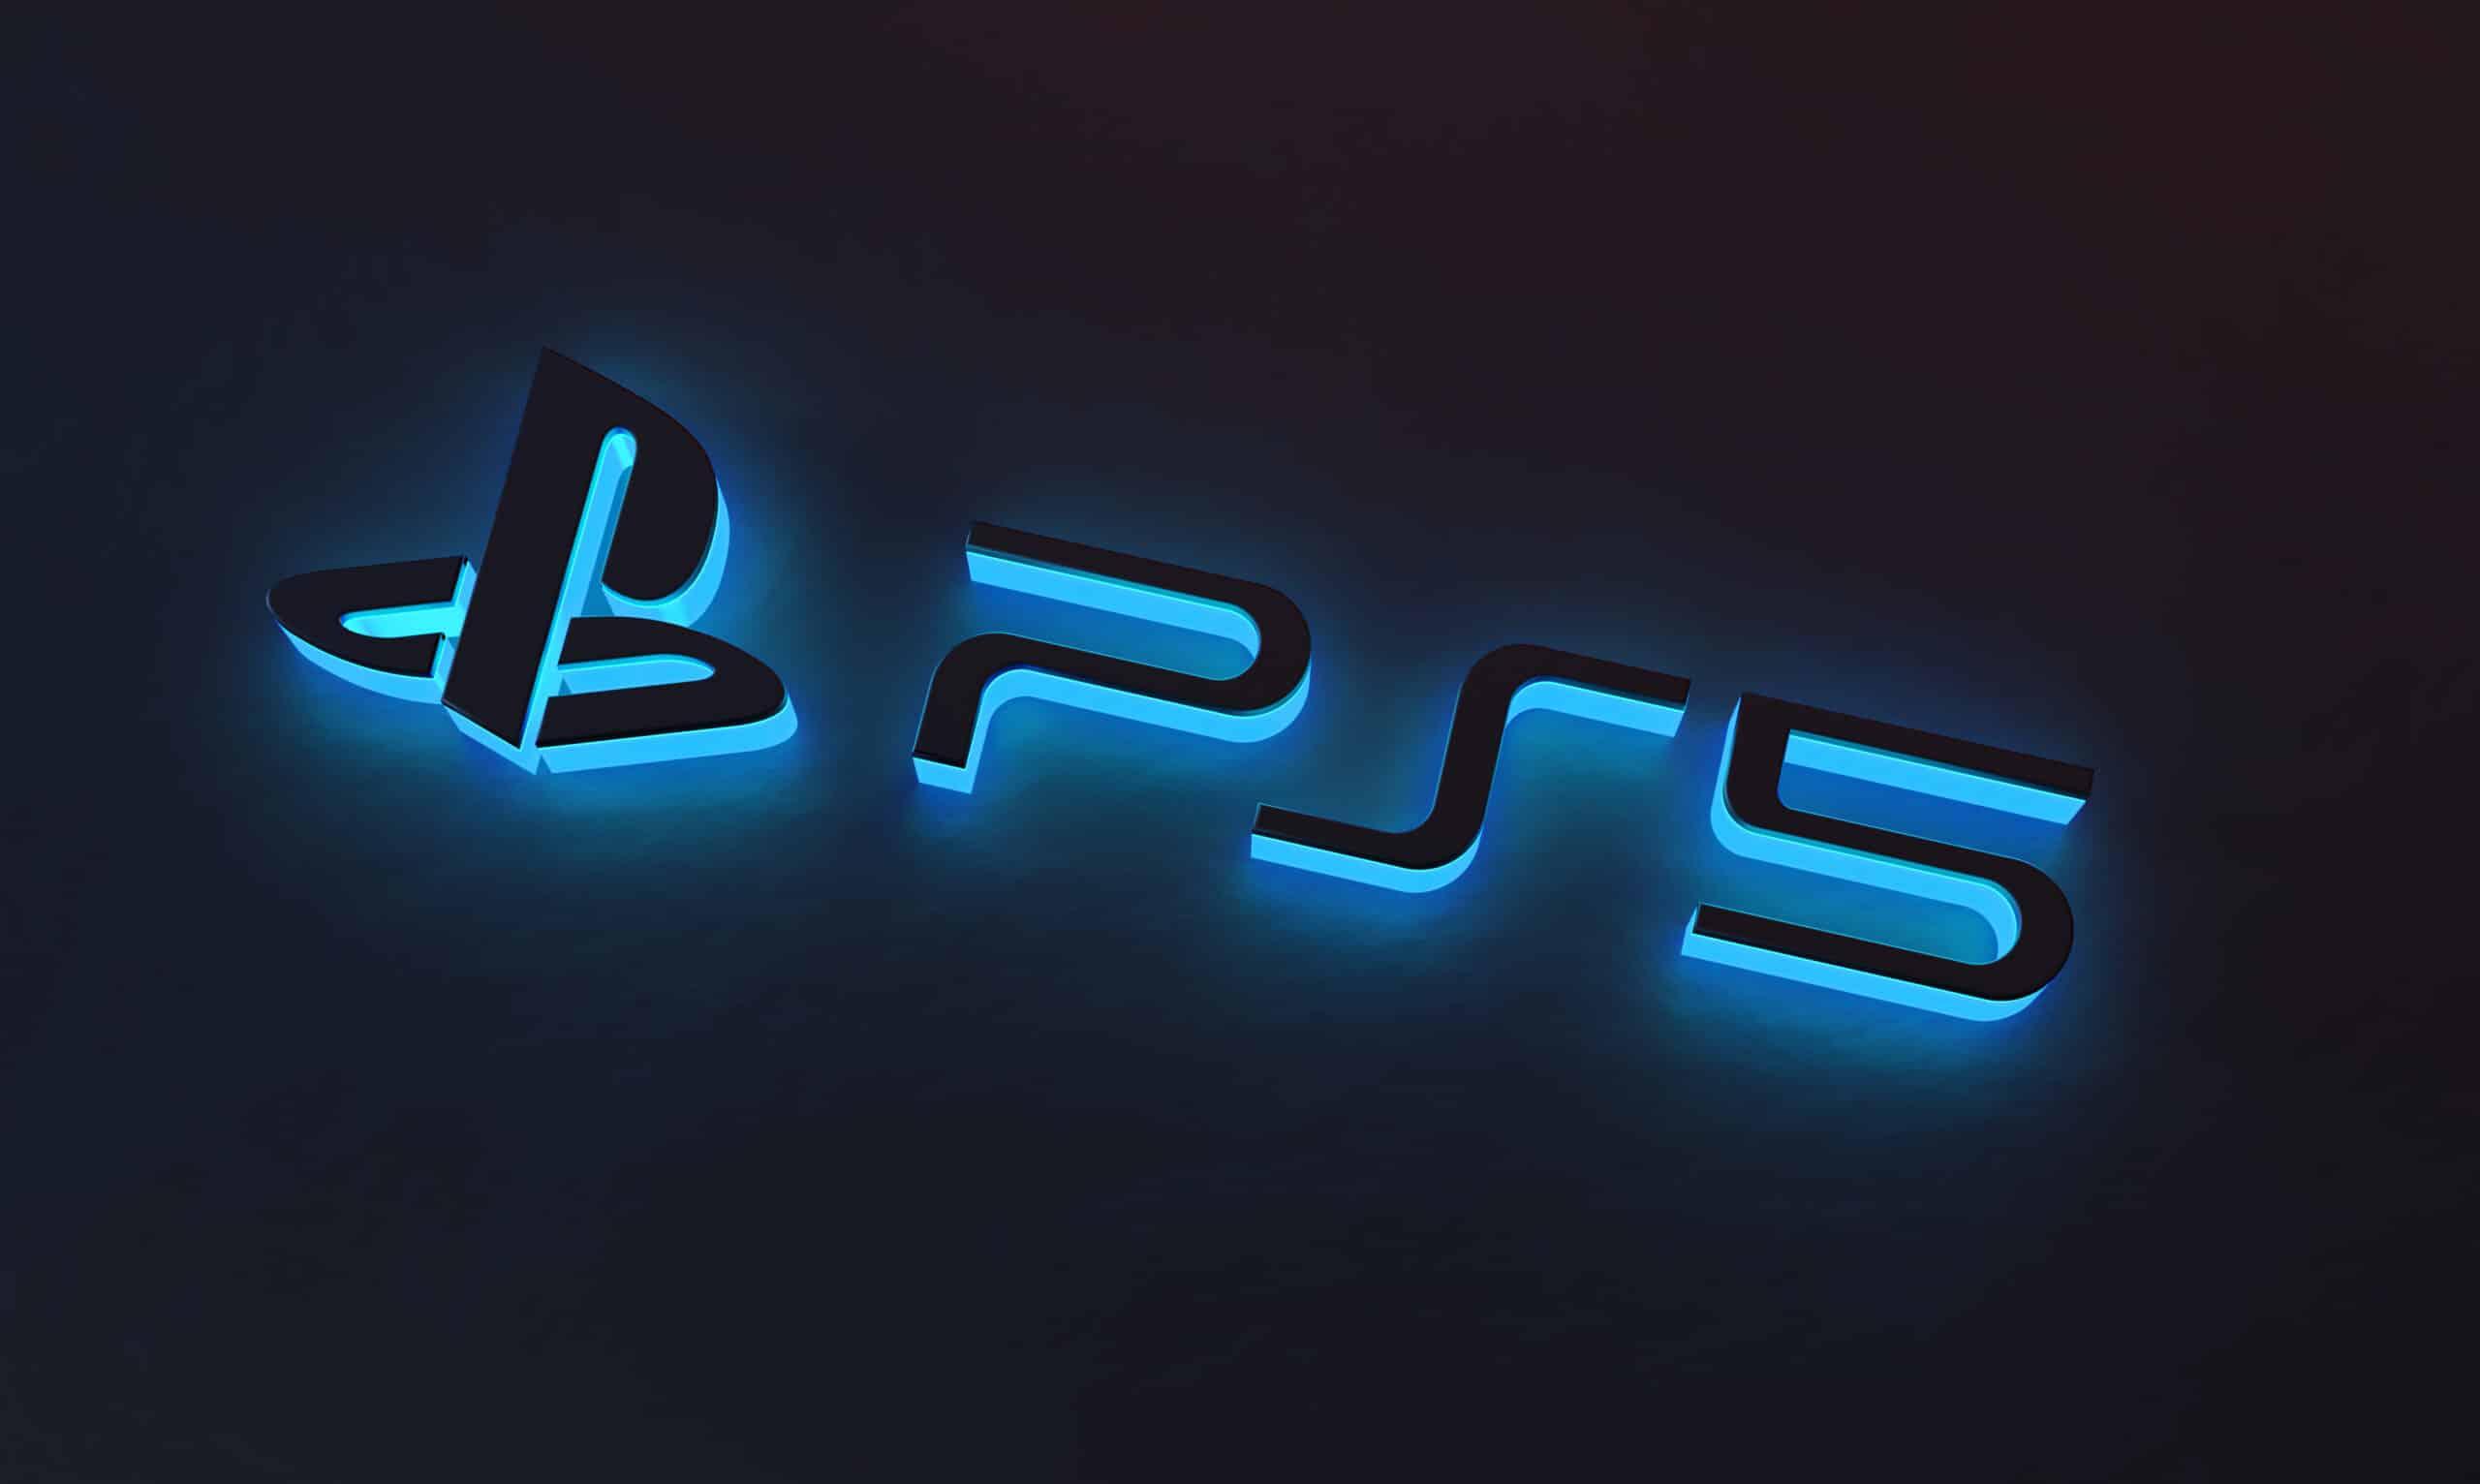 Logo/marca do Sony PlayStation 5 (PS5)